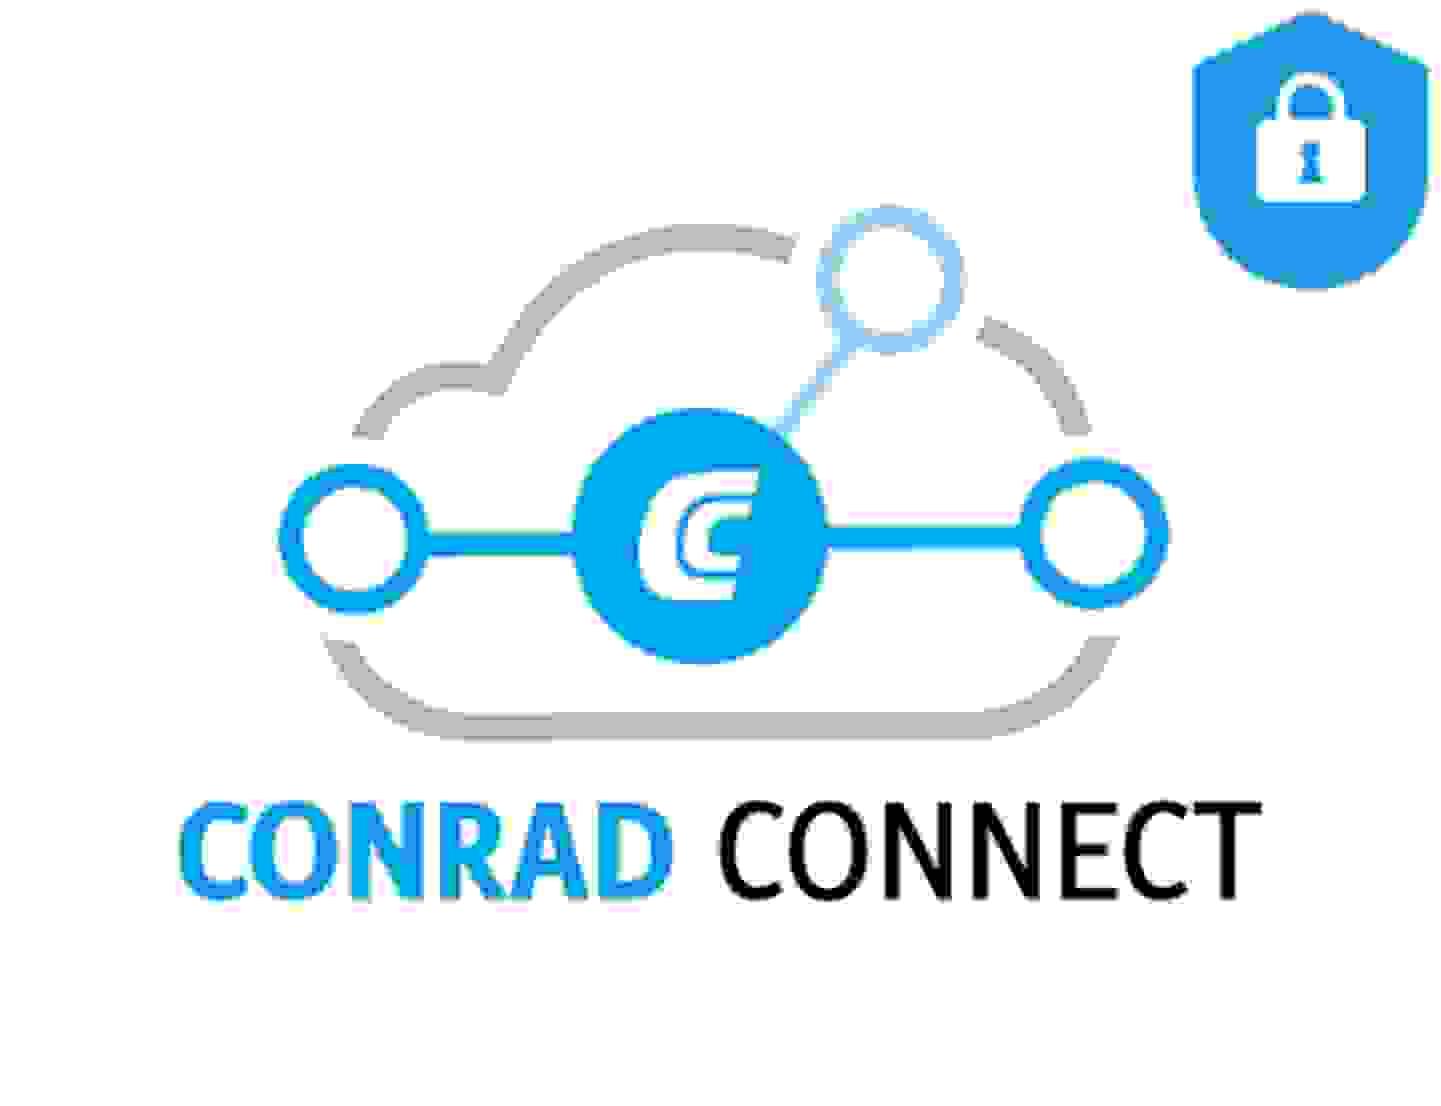 Vos données sont sécurisées avec Conrad Connect